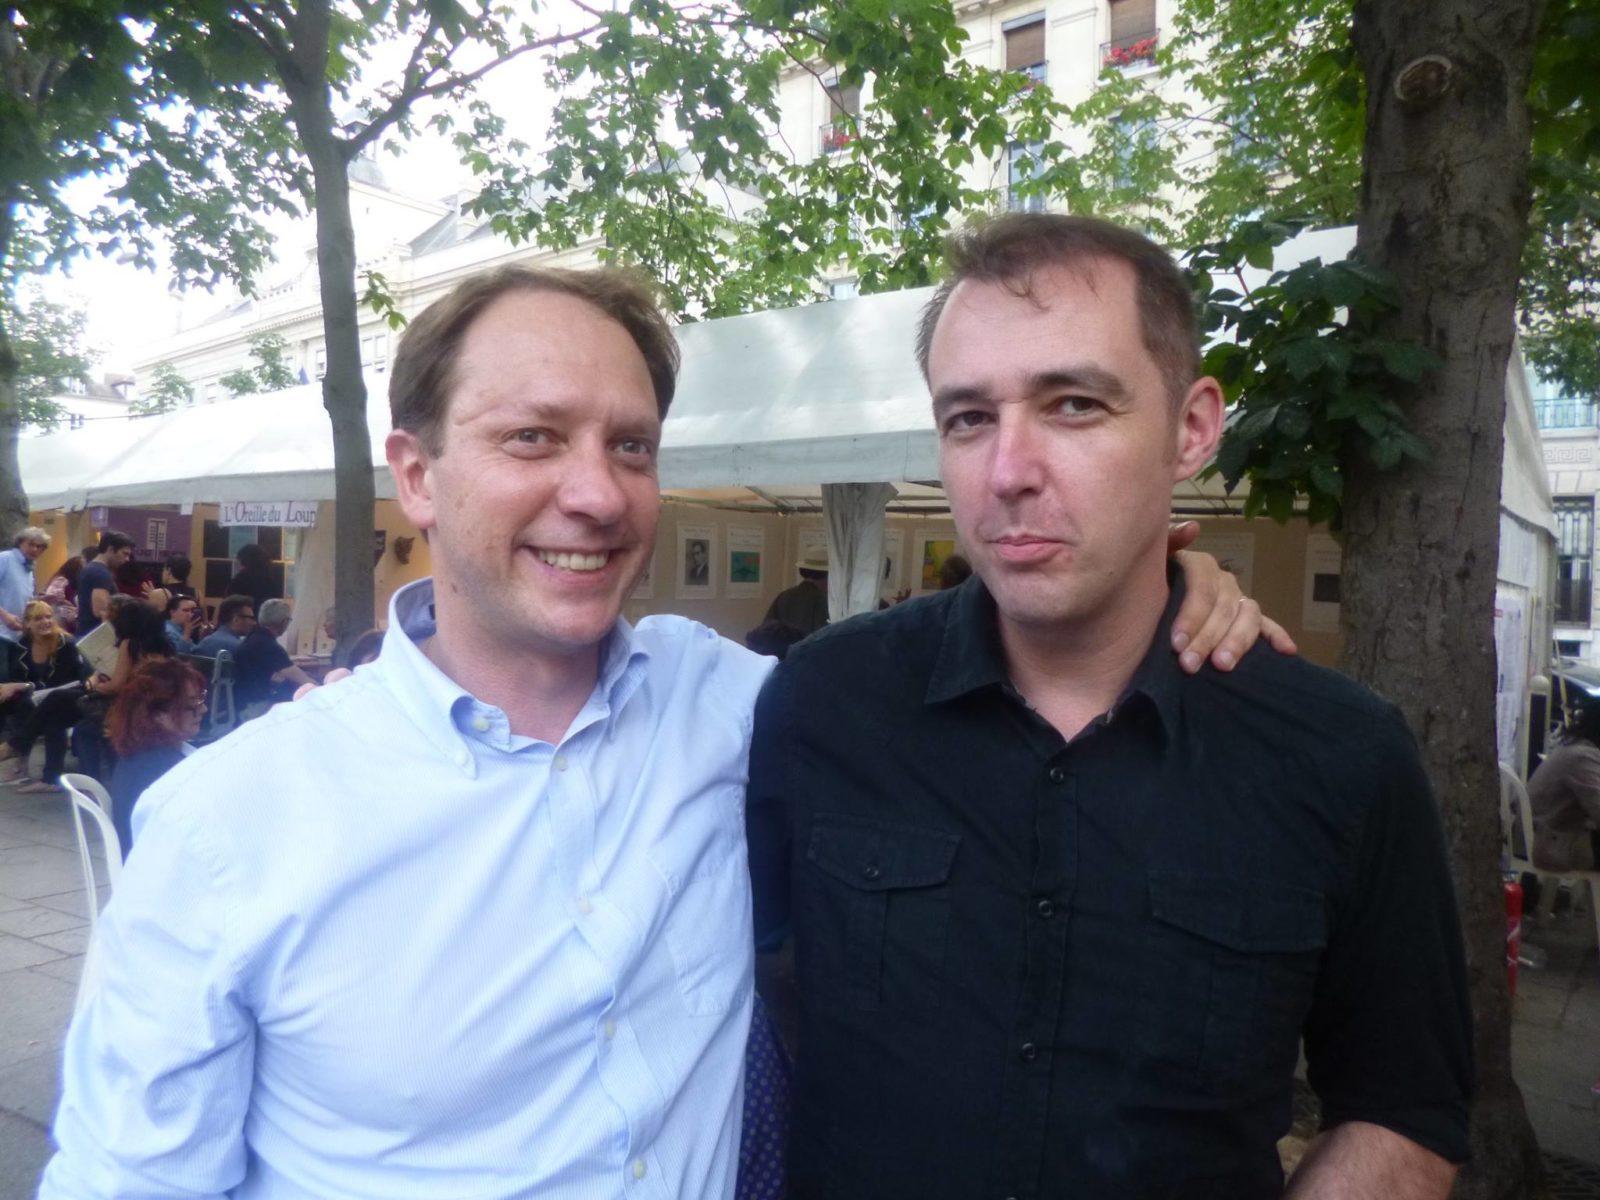 Réginald Gaillard, fondateur des éditions Corlevour, et Nicolas Rozier au Marché de la Poésie (crédits : MHC)